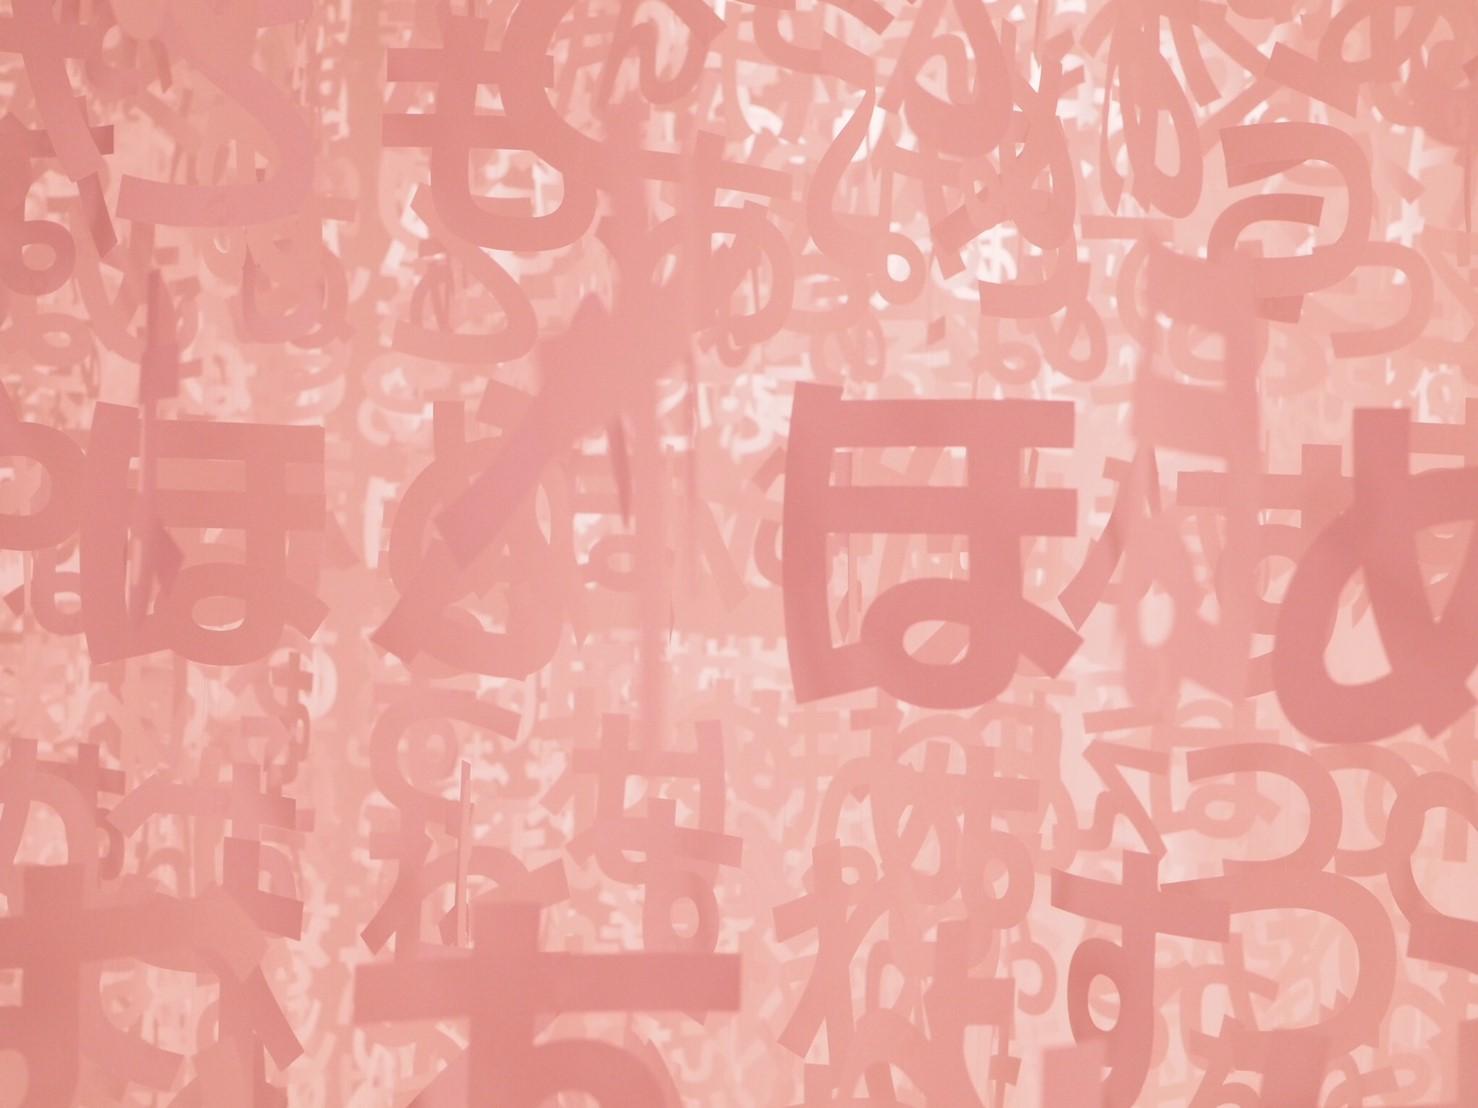 無料イベント【#カルピス®︎100th 七夕に会おう展】レポ♩_7